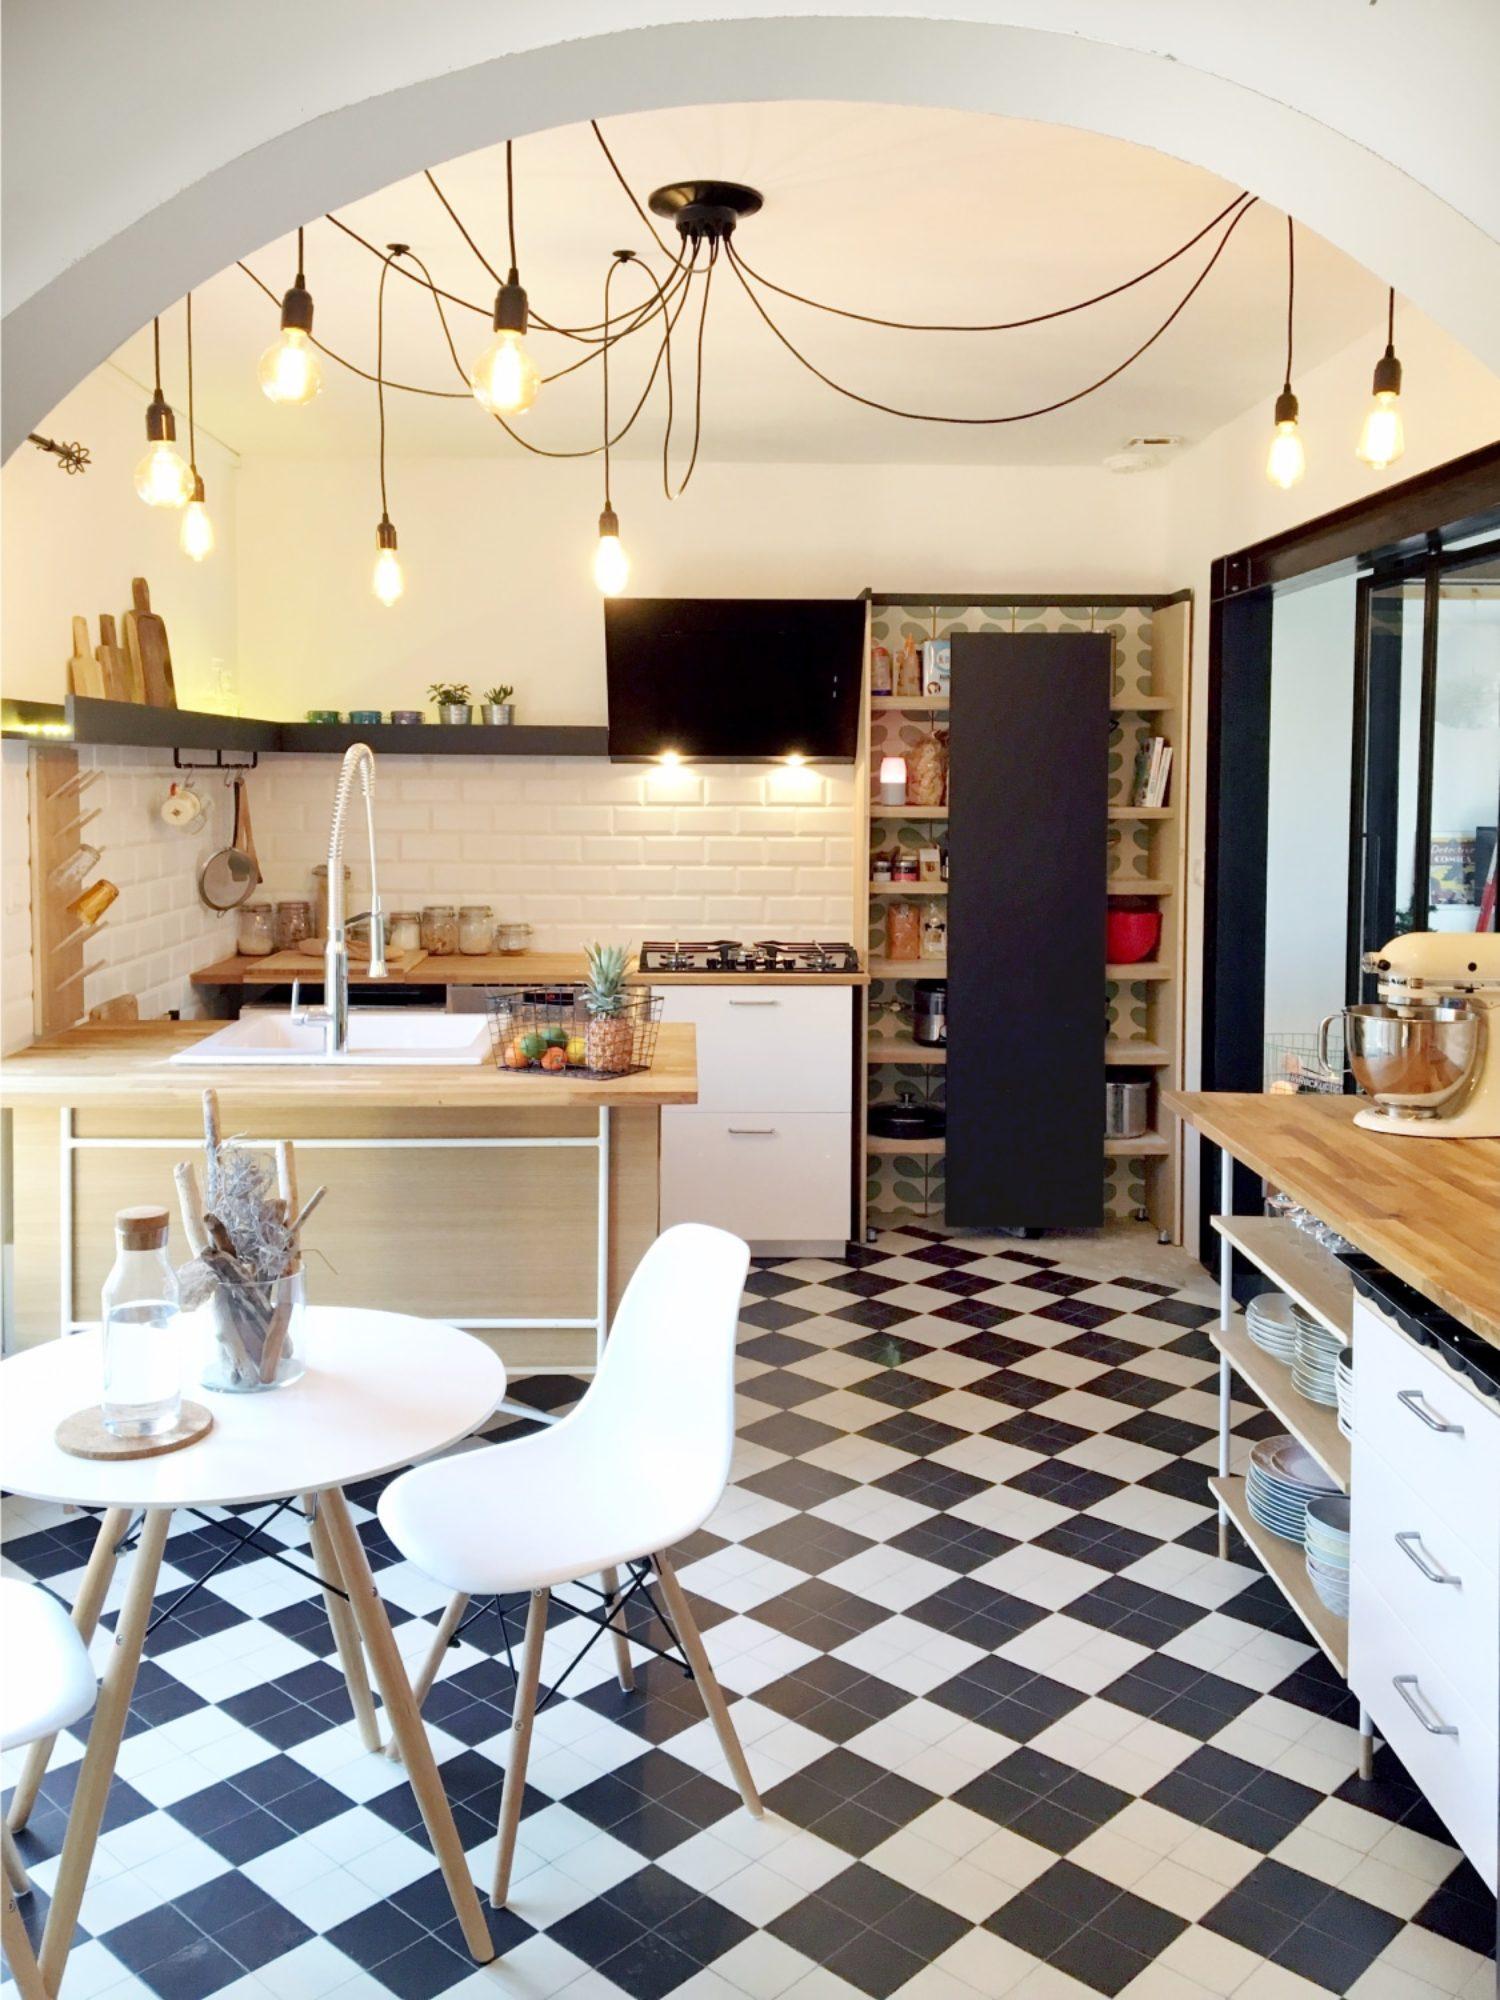 CUISINE • Création d'une cuisine originale dans une maison rénovée à Toulouse